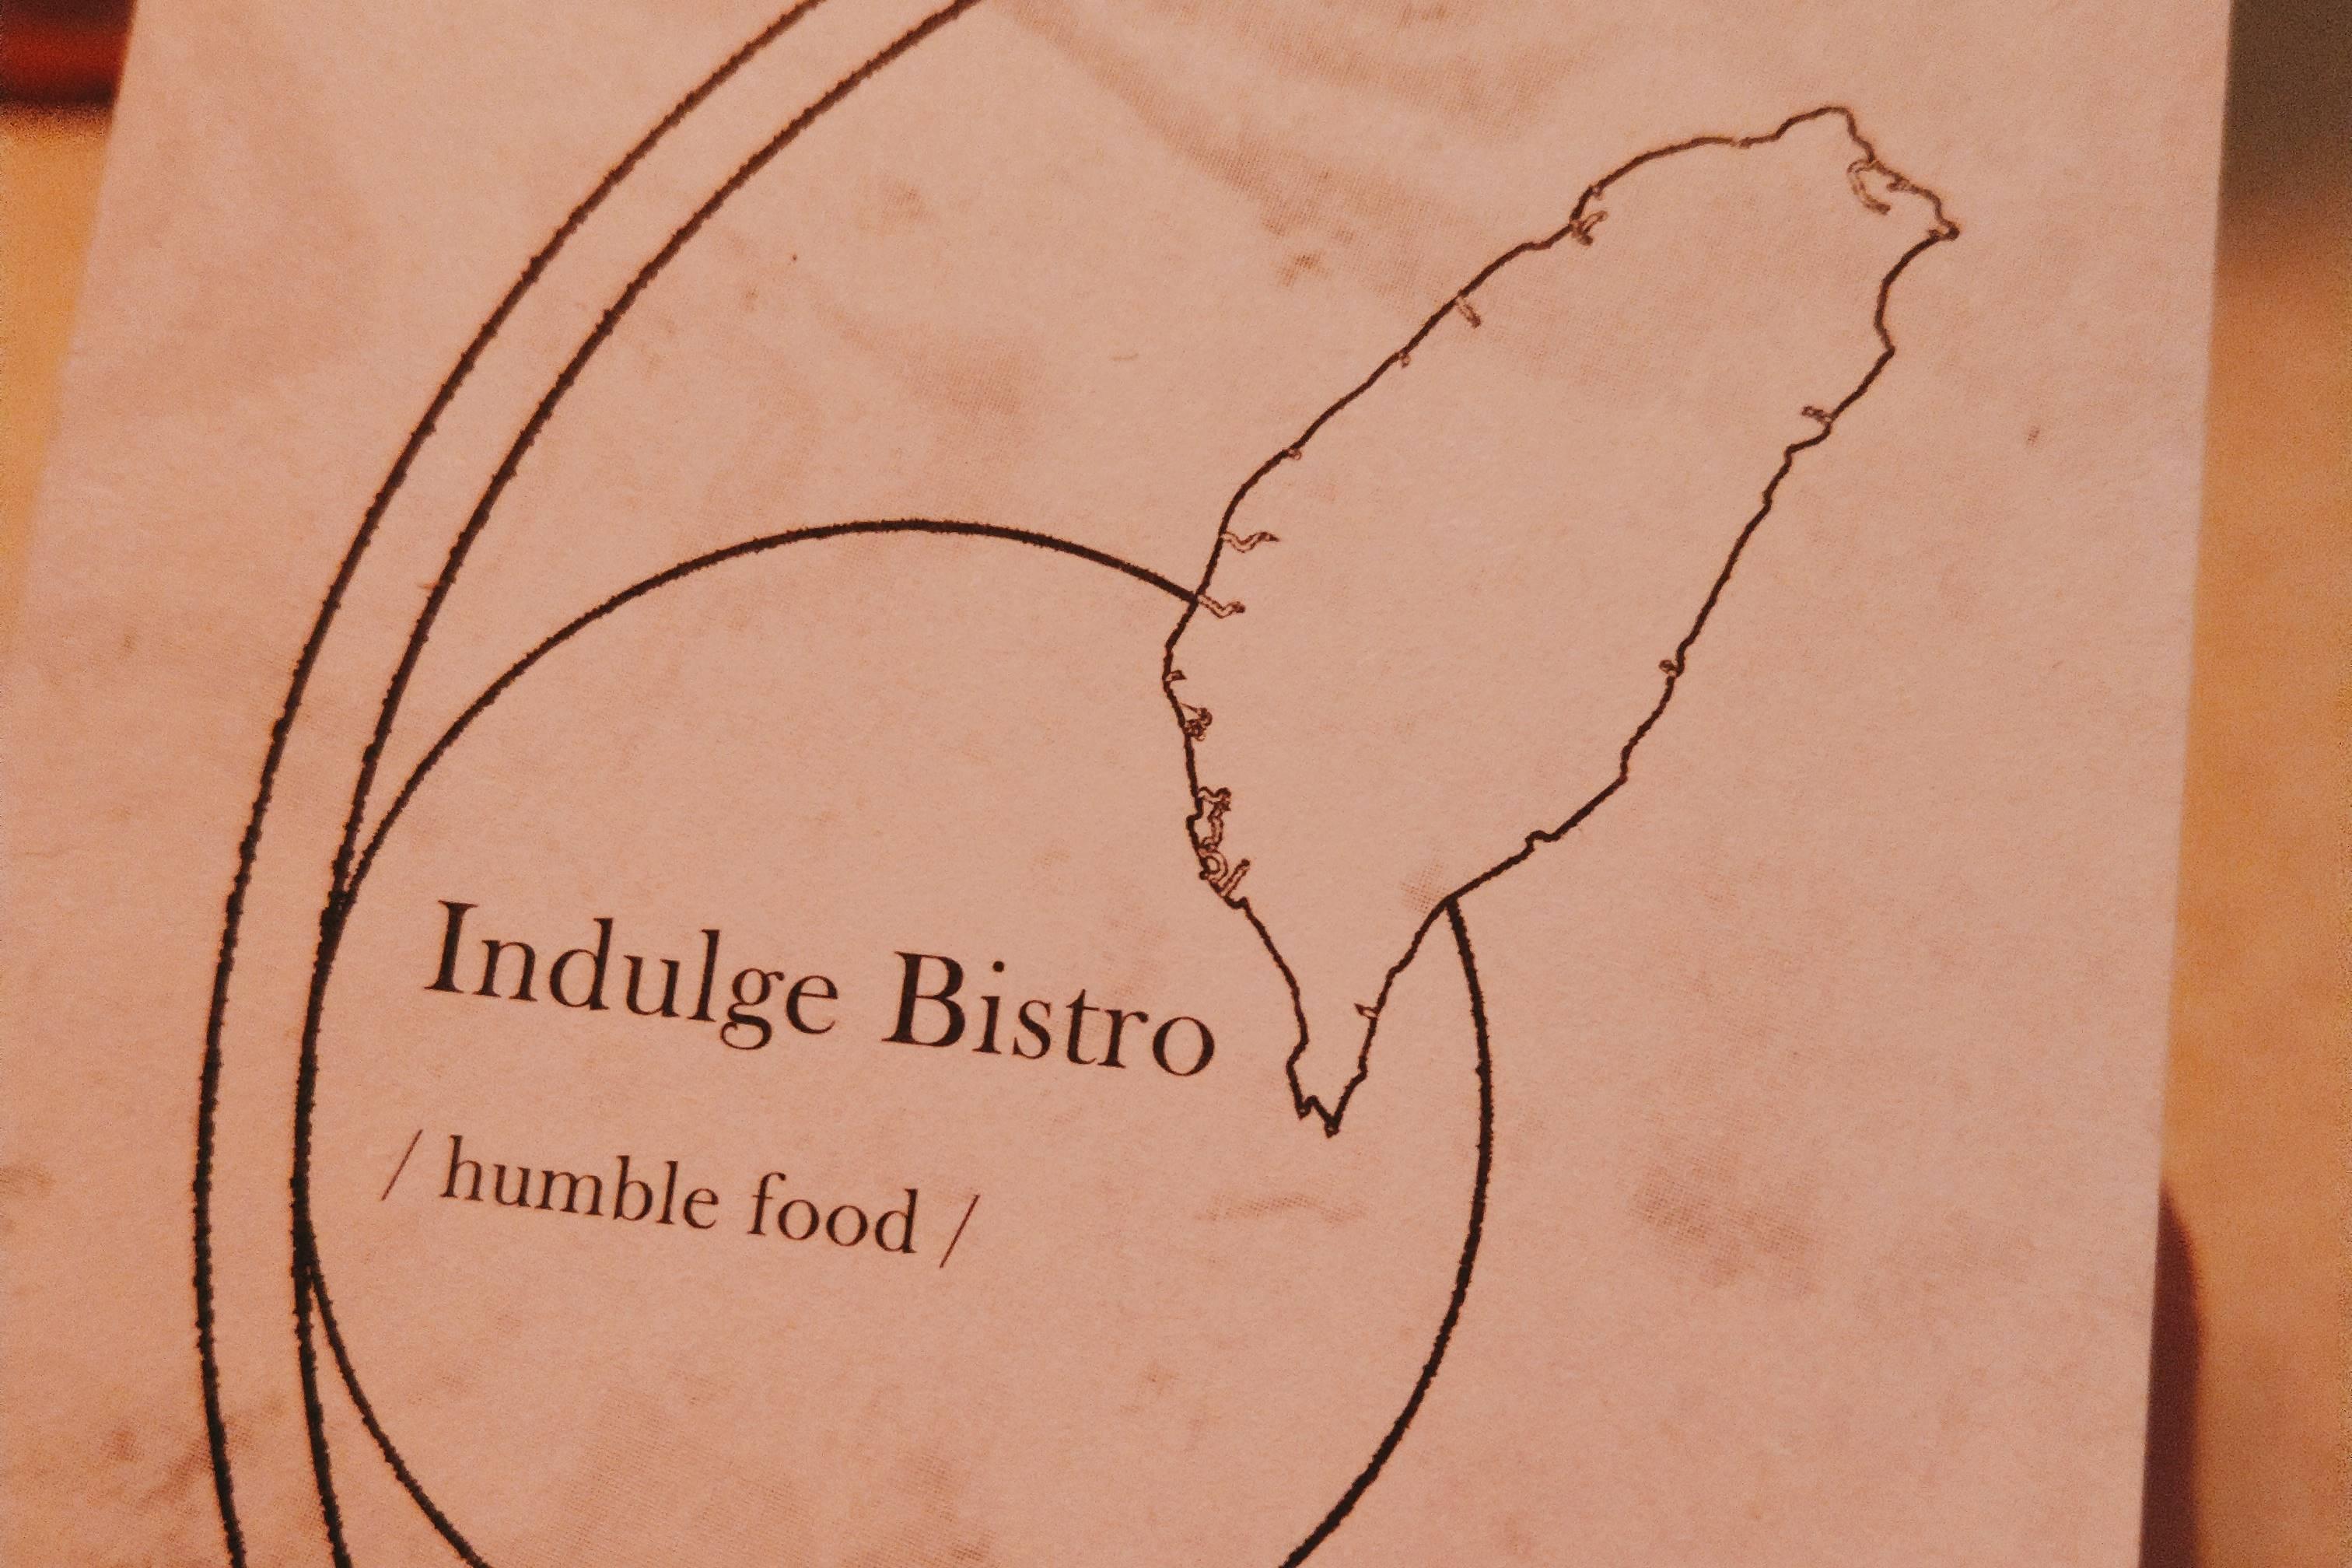 台北-Indulge Bistro 實驗創新餐酒館,榮獲米其林餐盤推薦及世界與亞洲50大的餐酒館